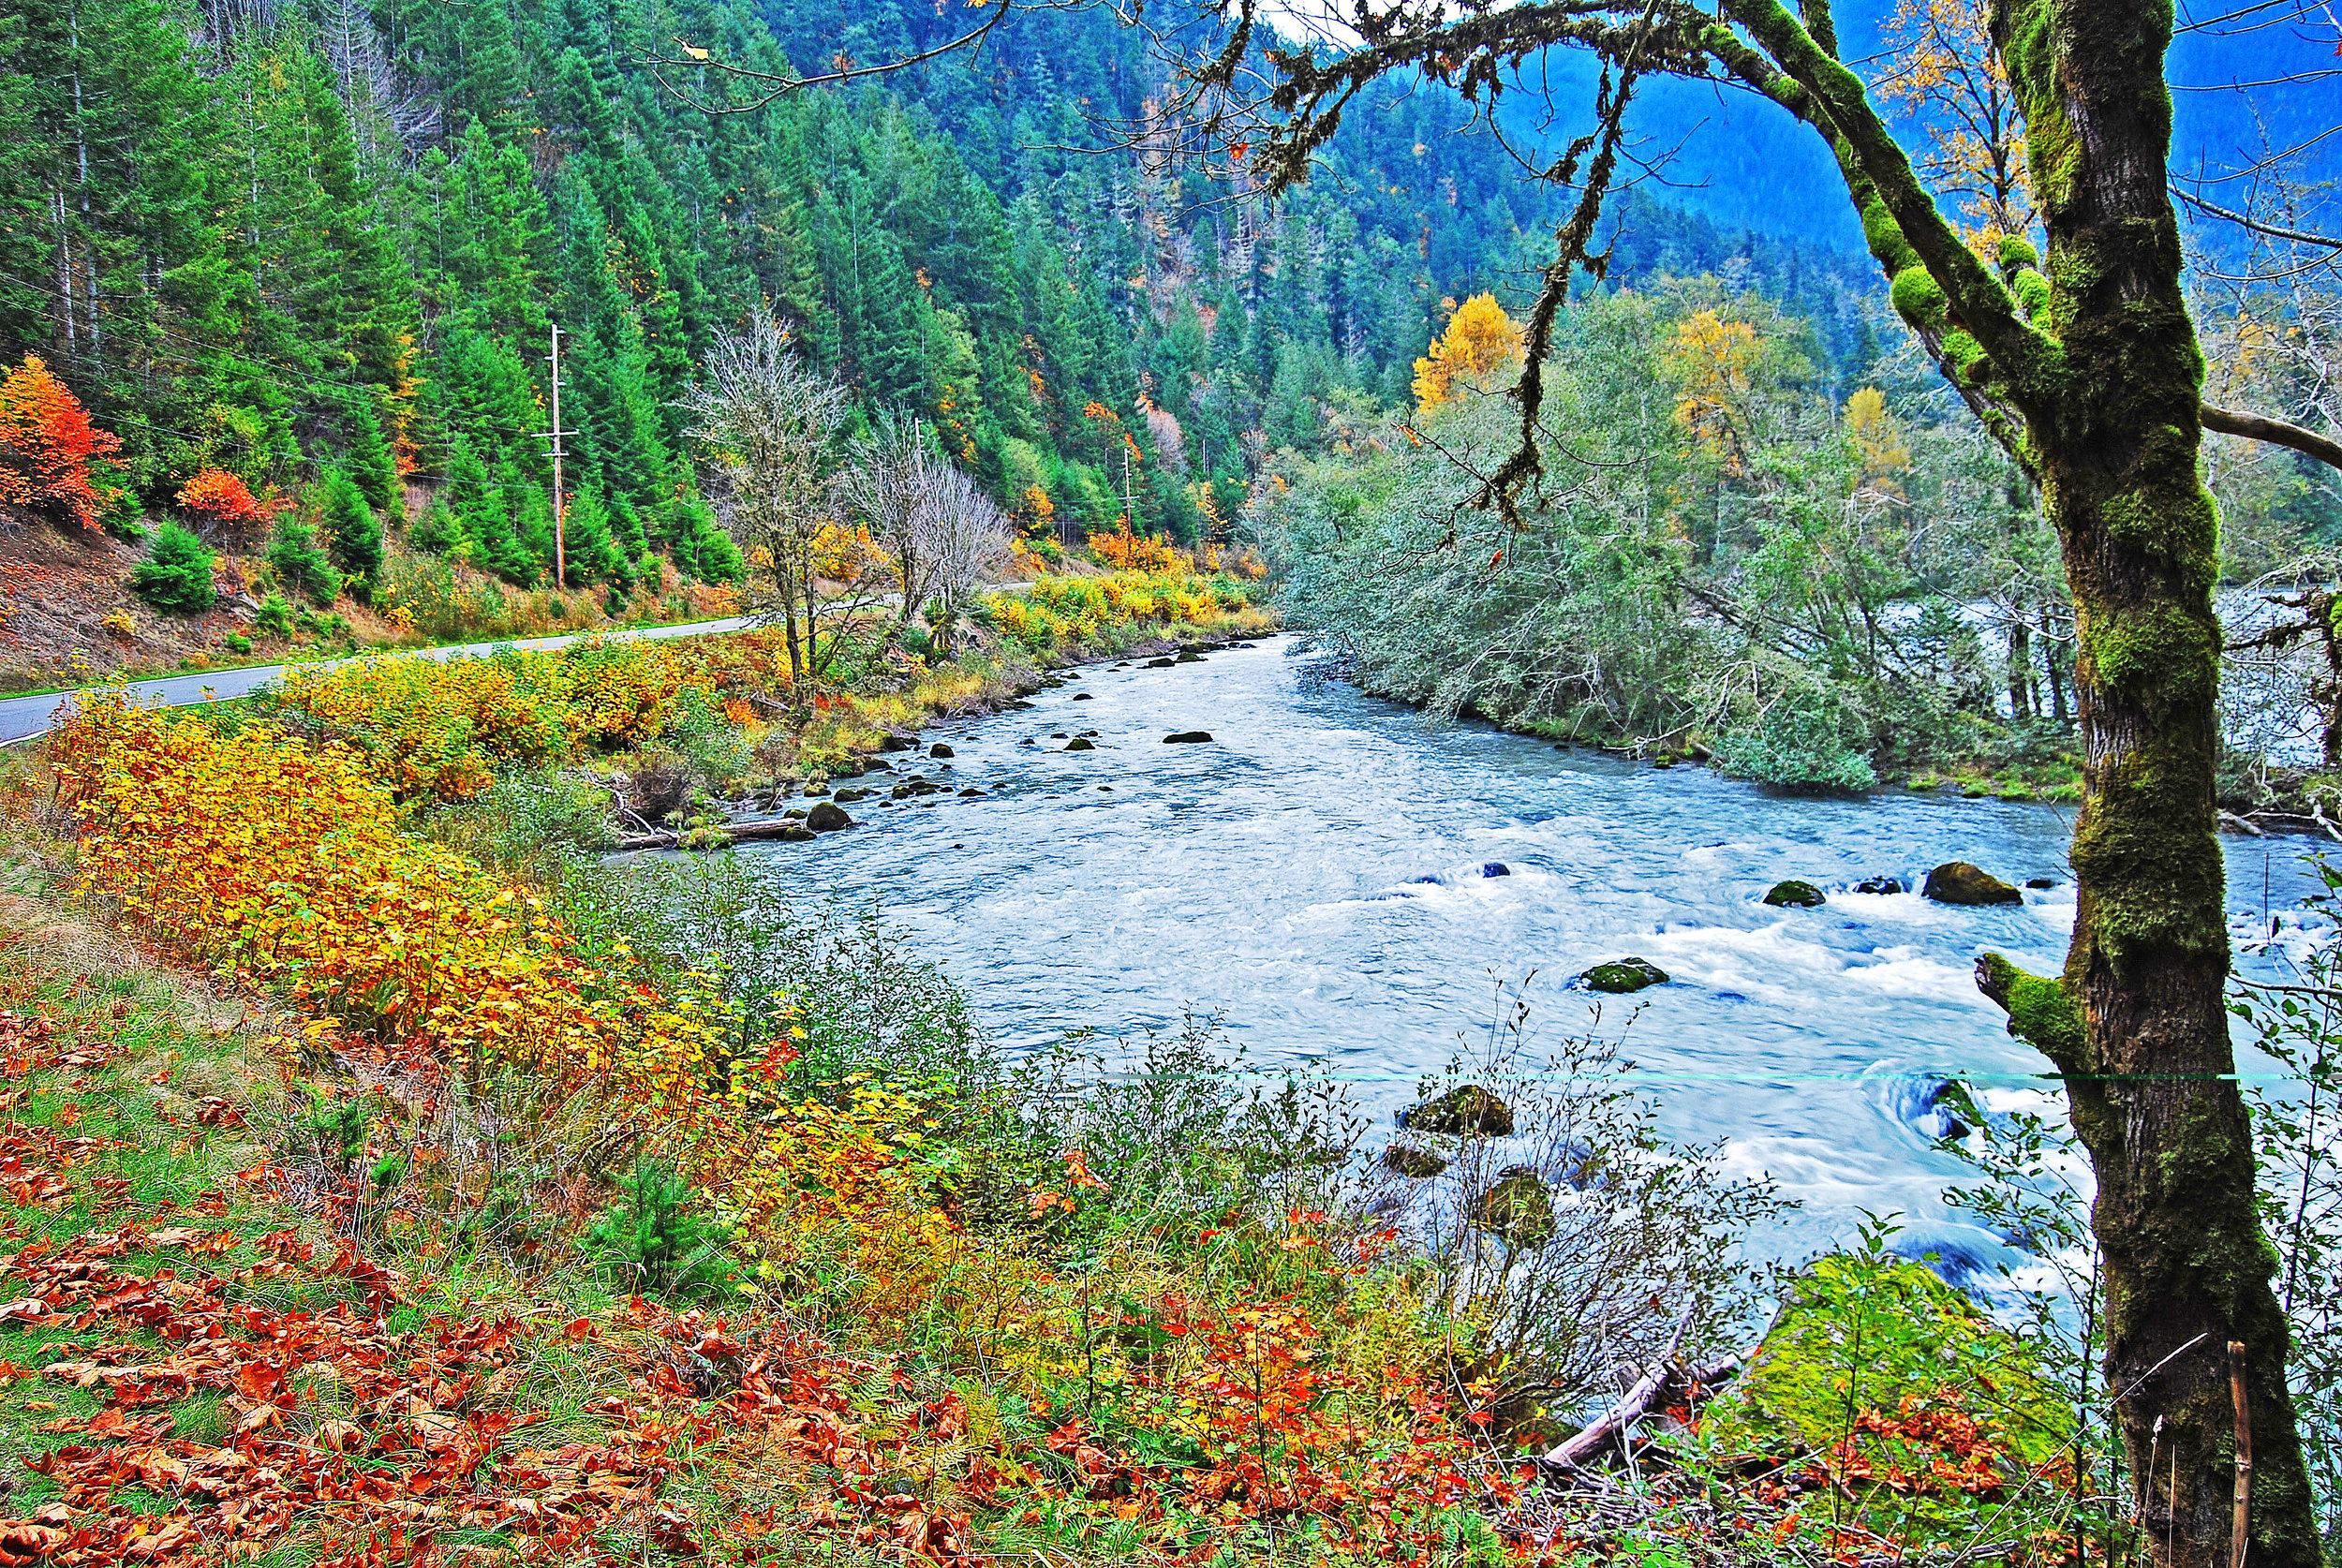 Clallam River